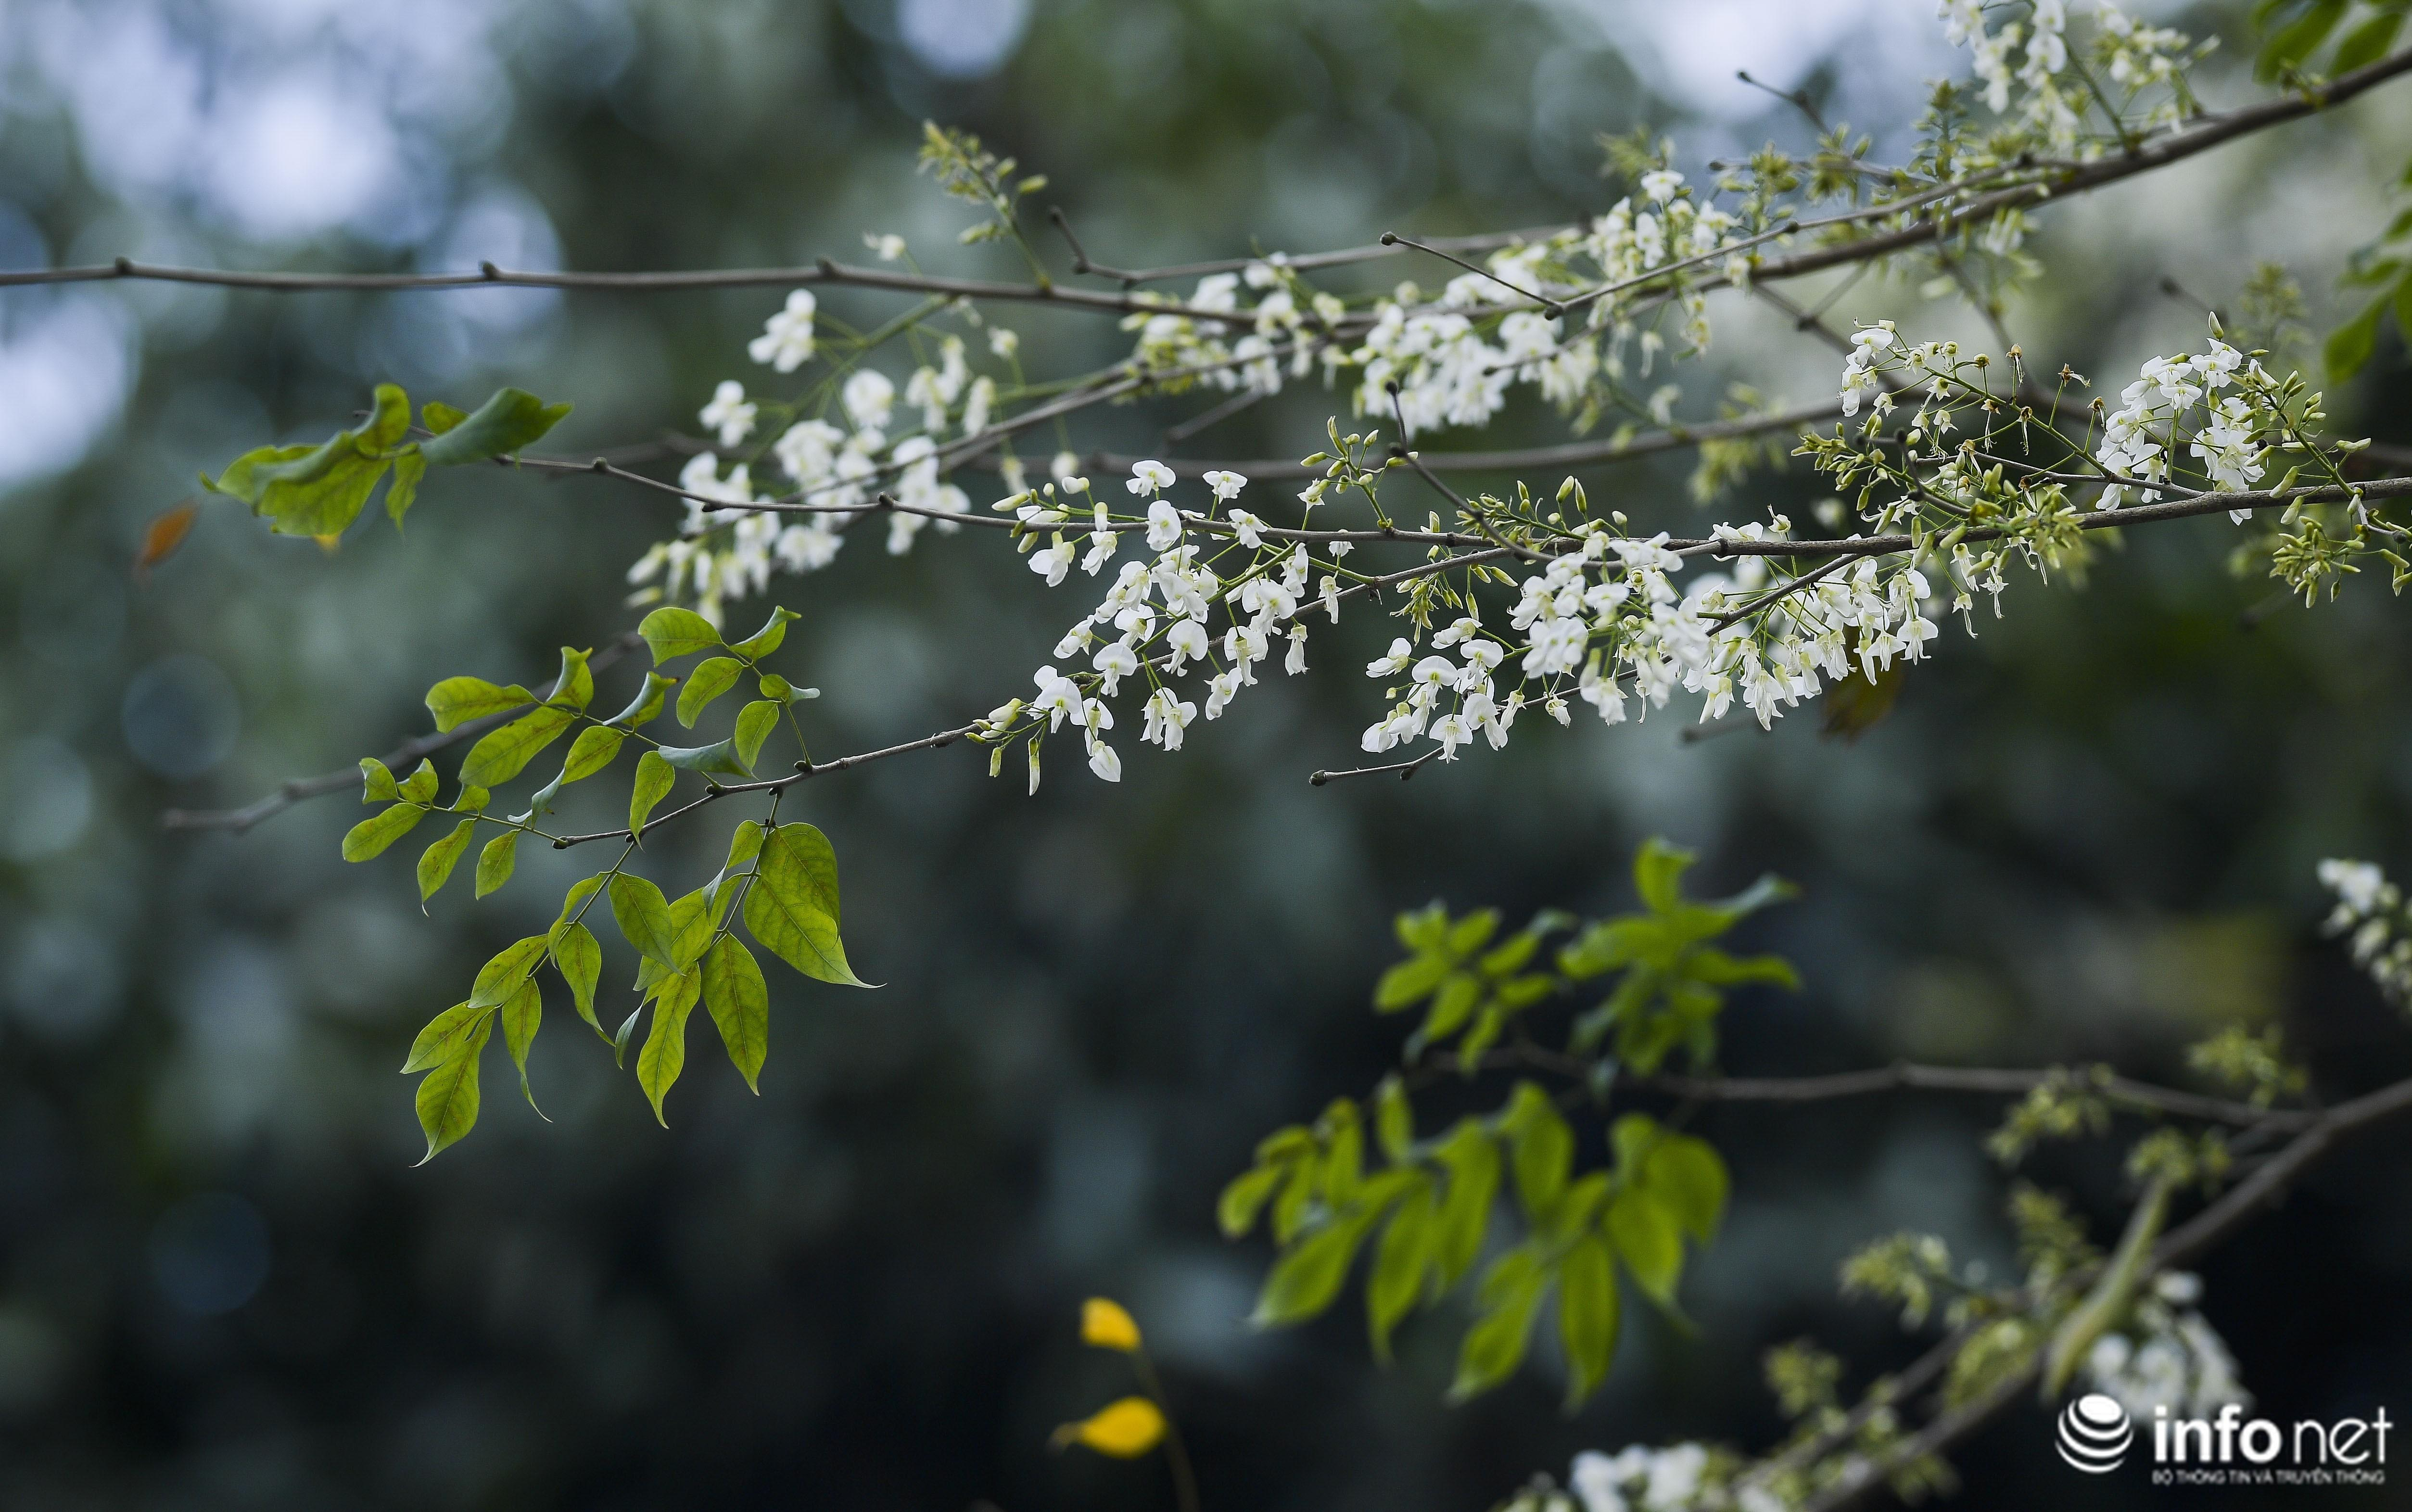 Ngắm hoa sưa nở trắng phố phường Hà Nội Ảnh 3